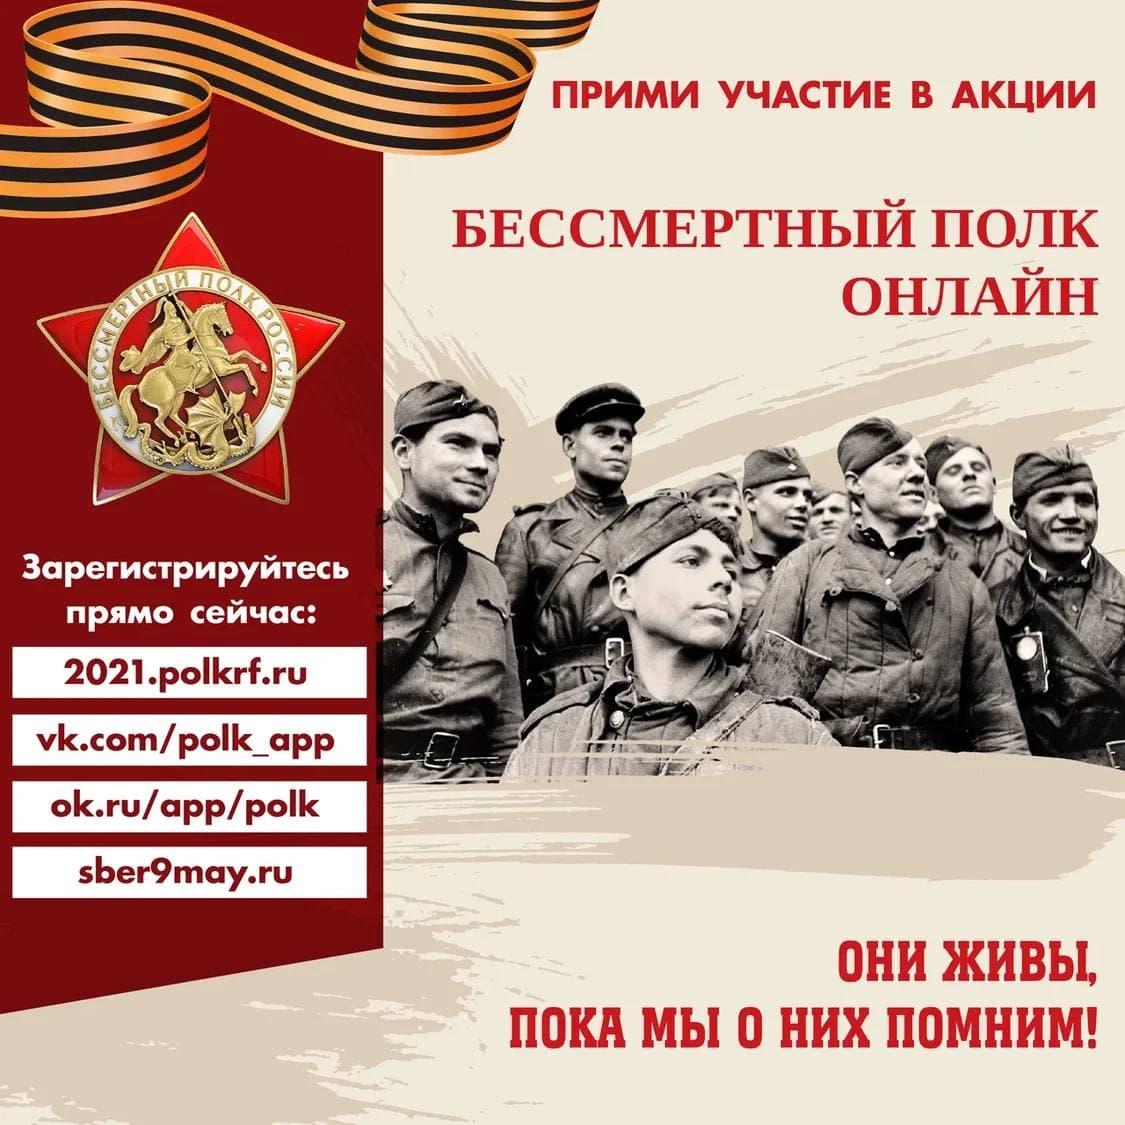 Подача заявок на «Бессмертный полк» продлена до 9 мая